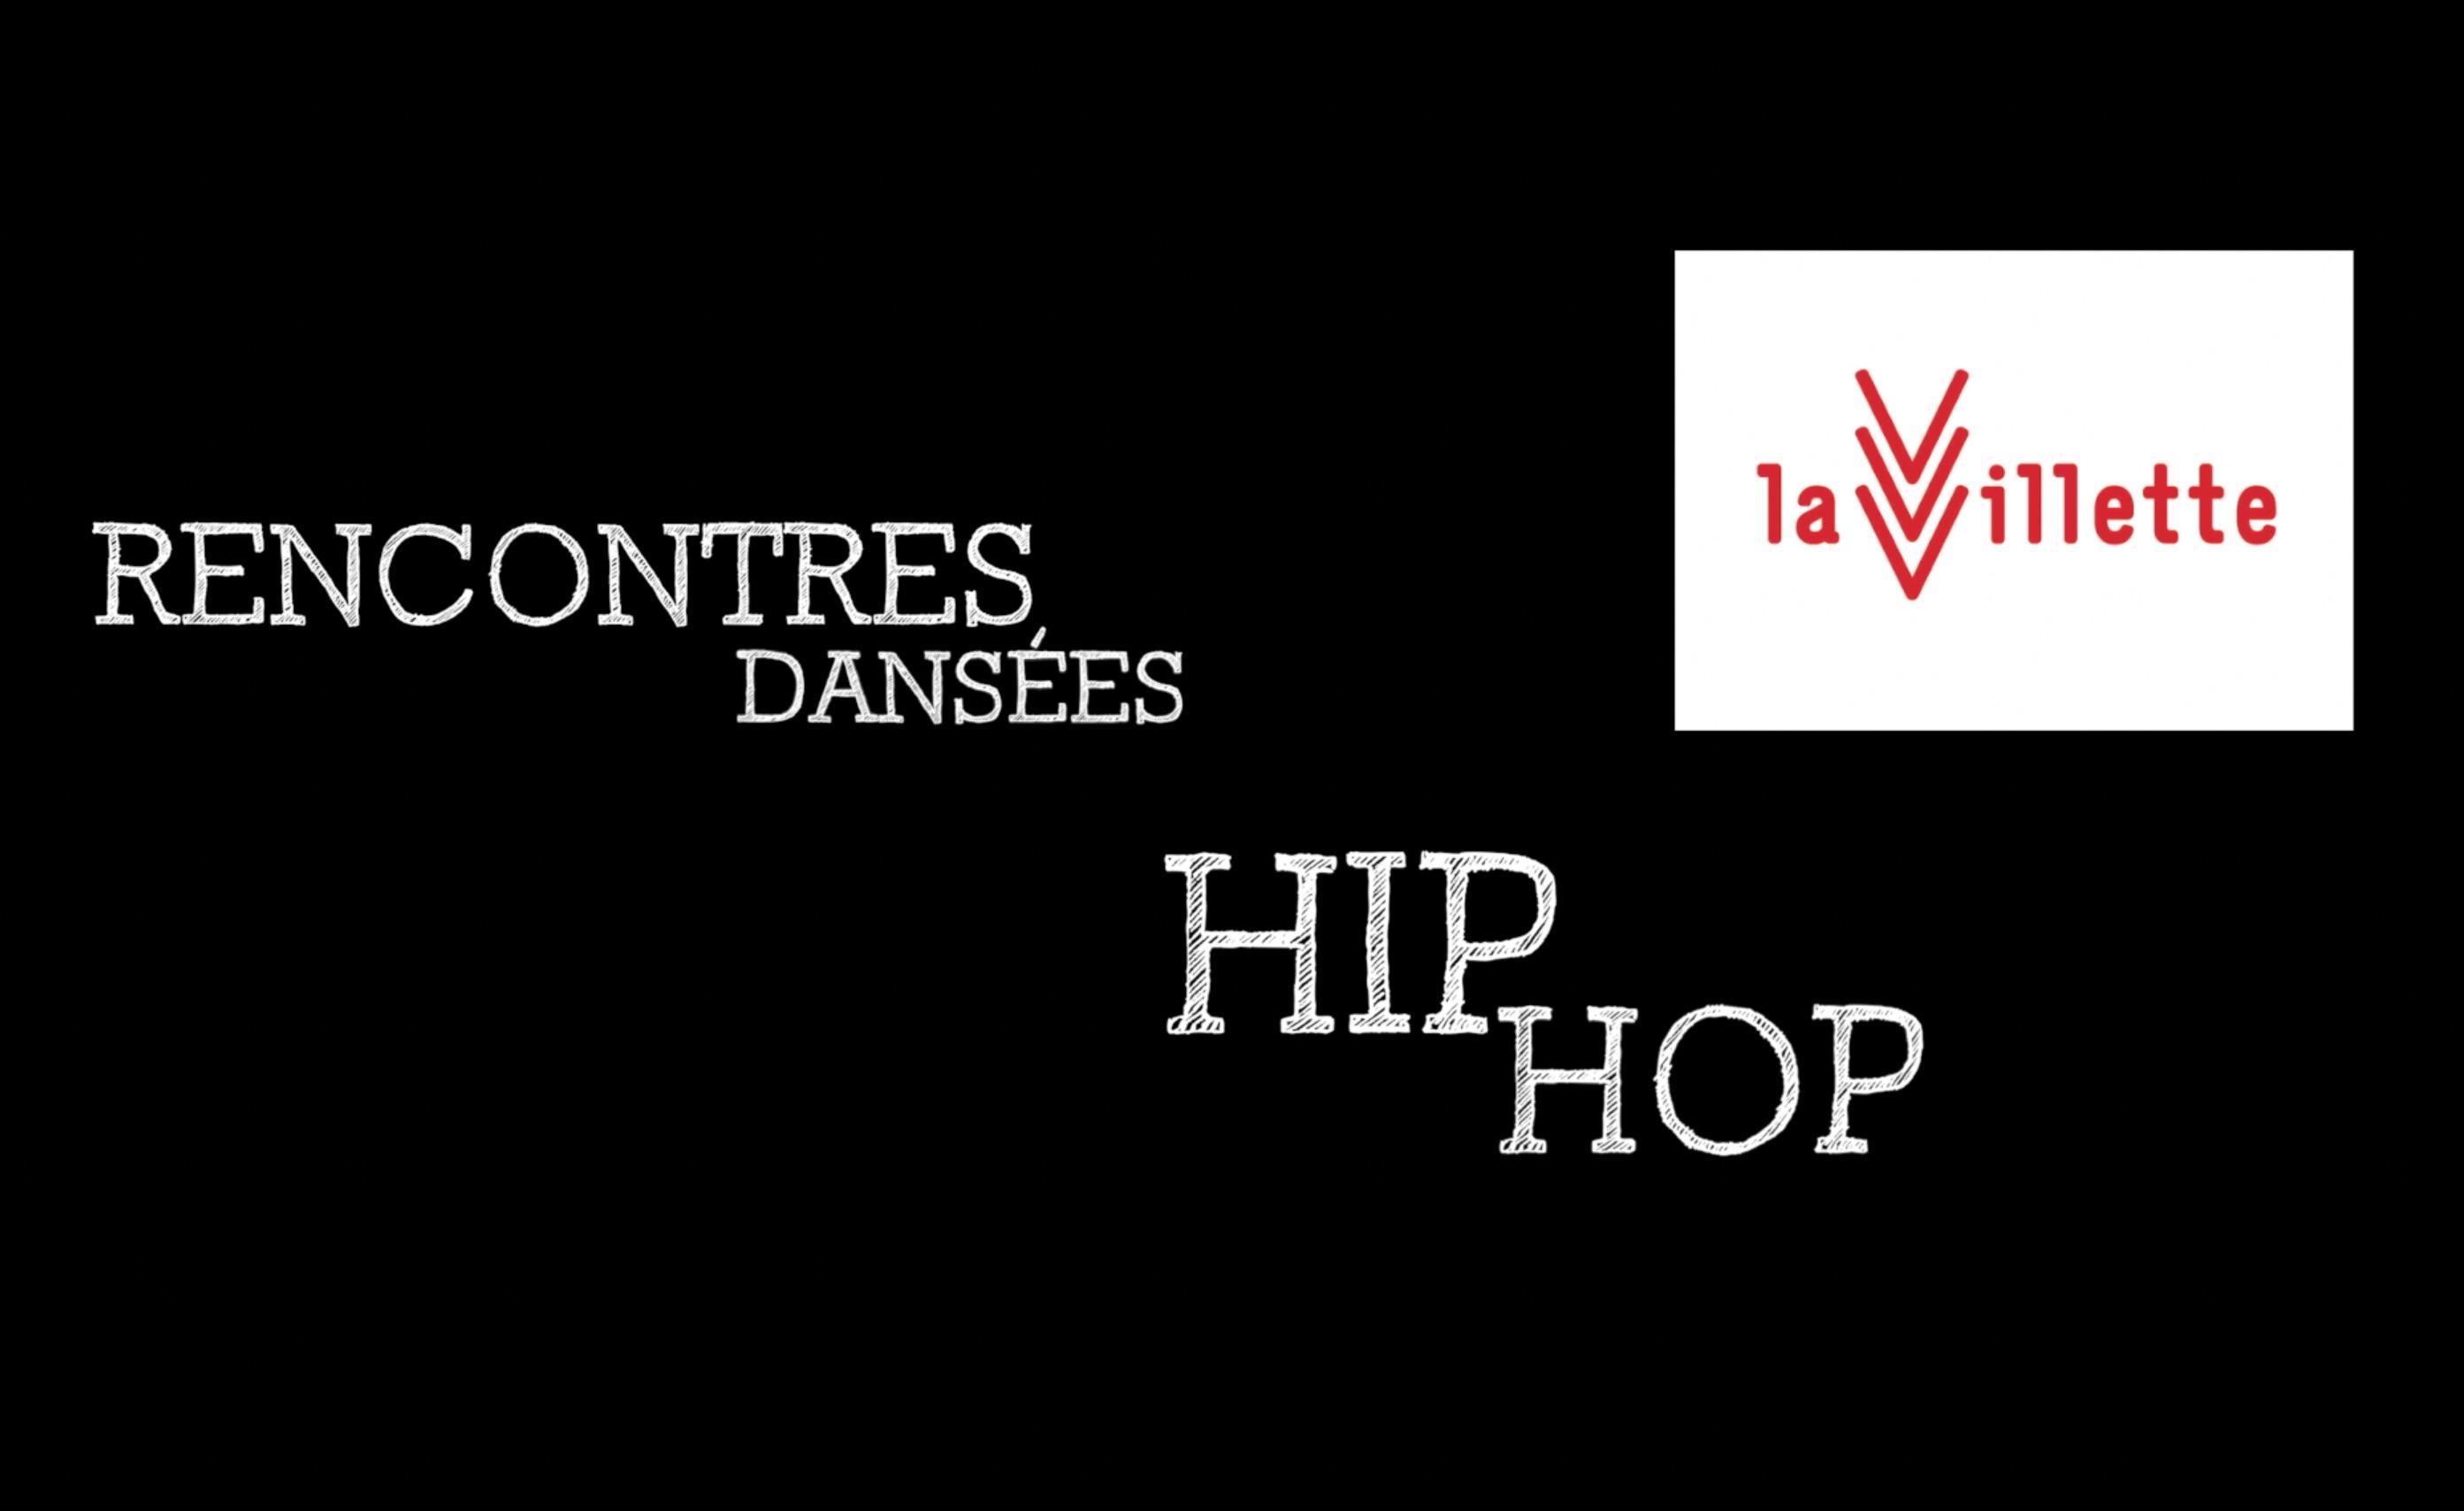 Rencontres dansées à la Villette